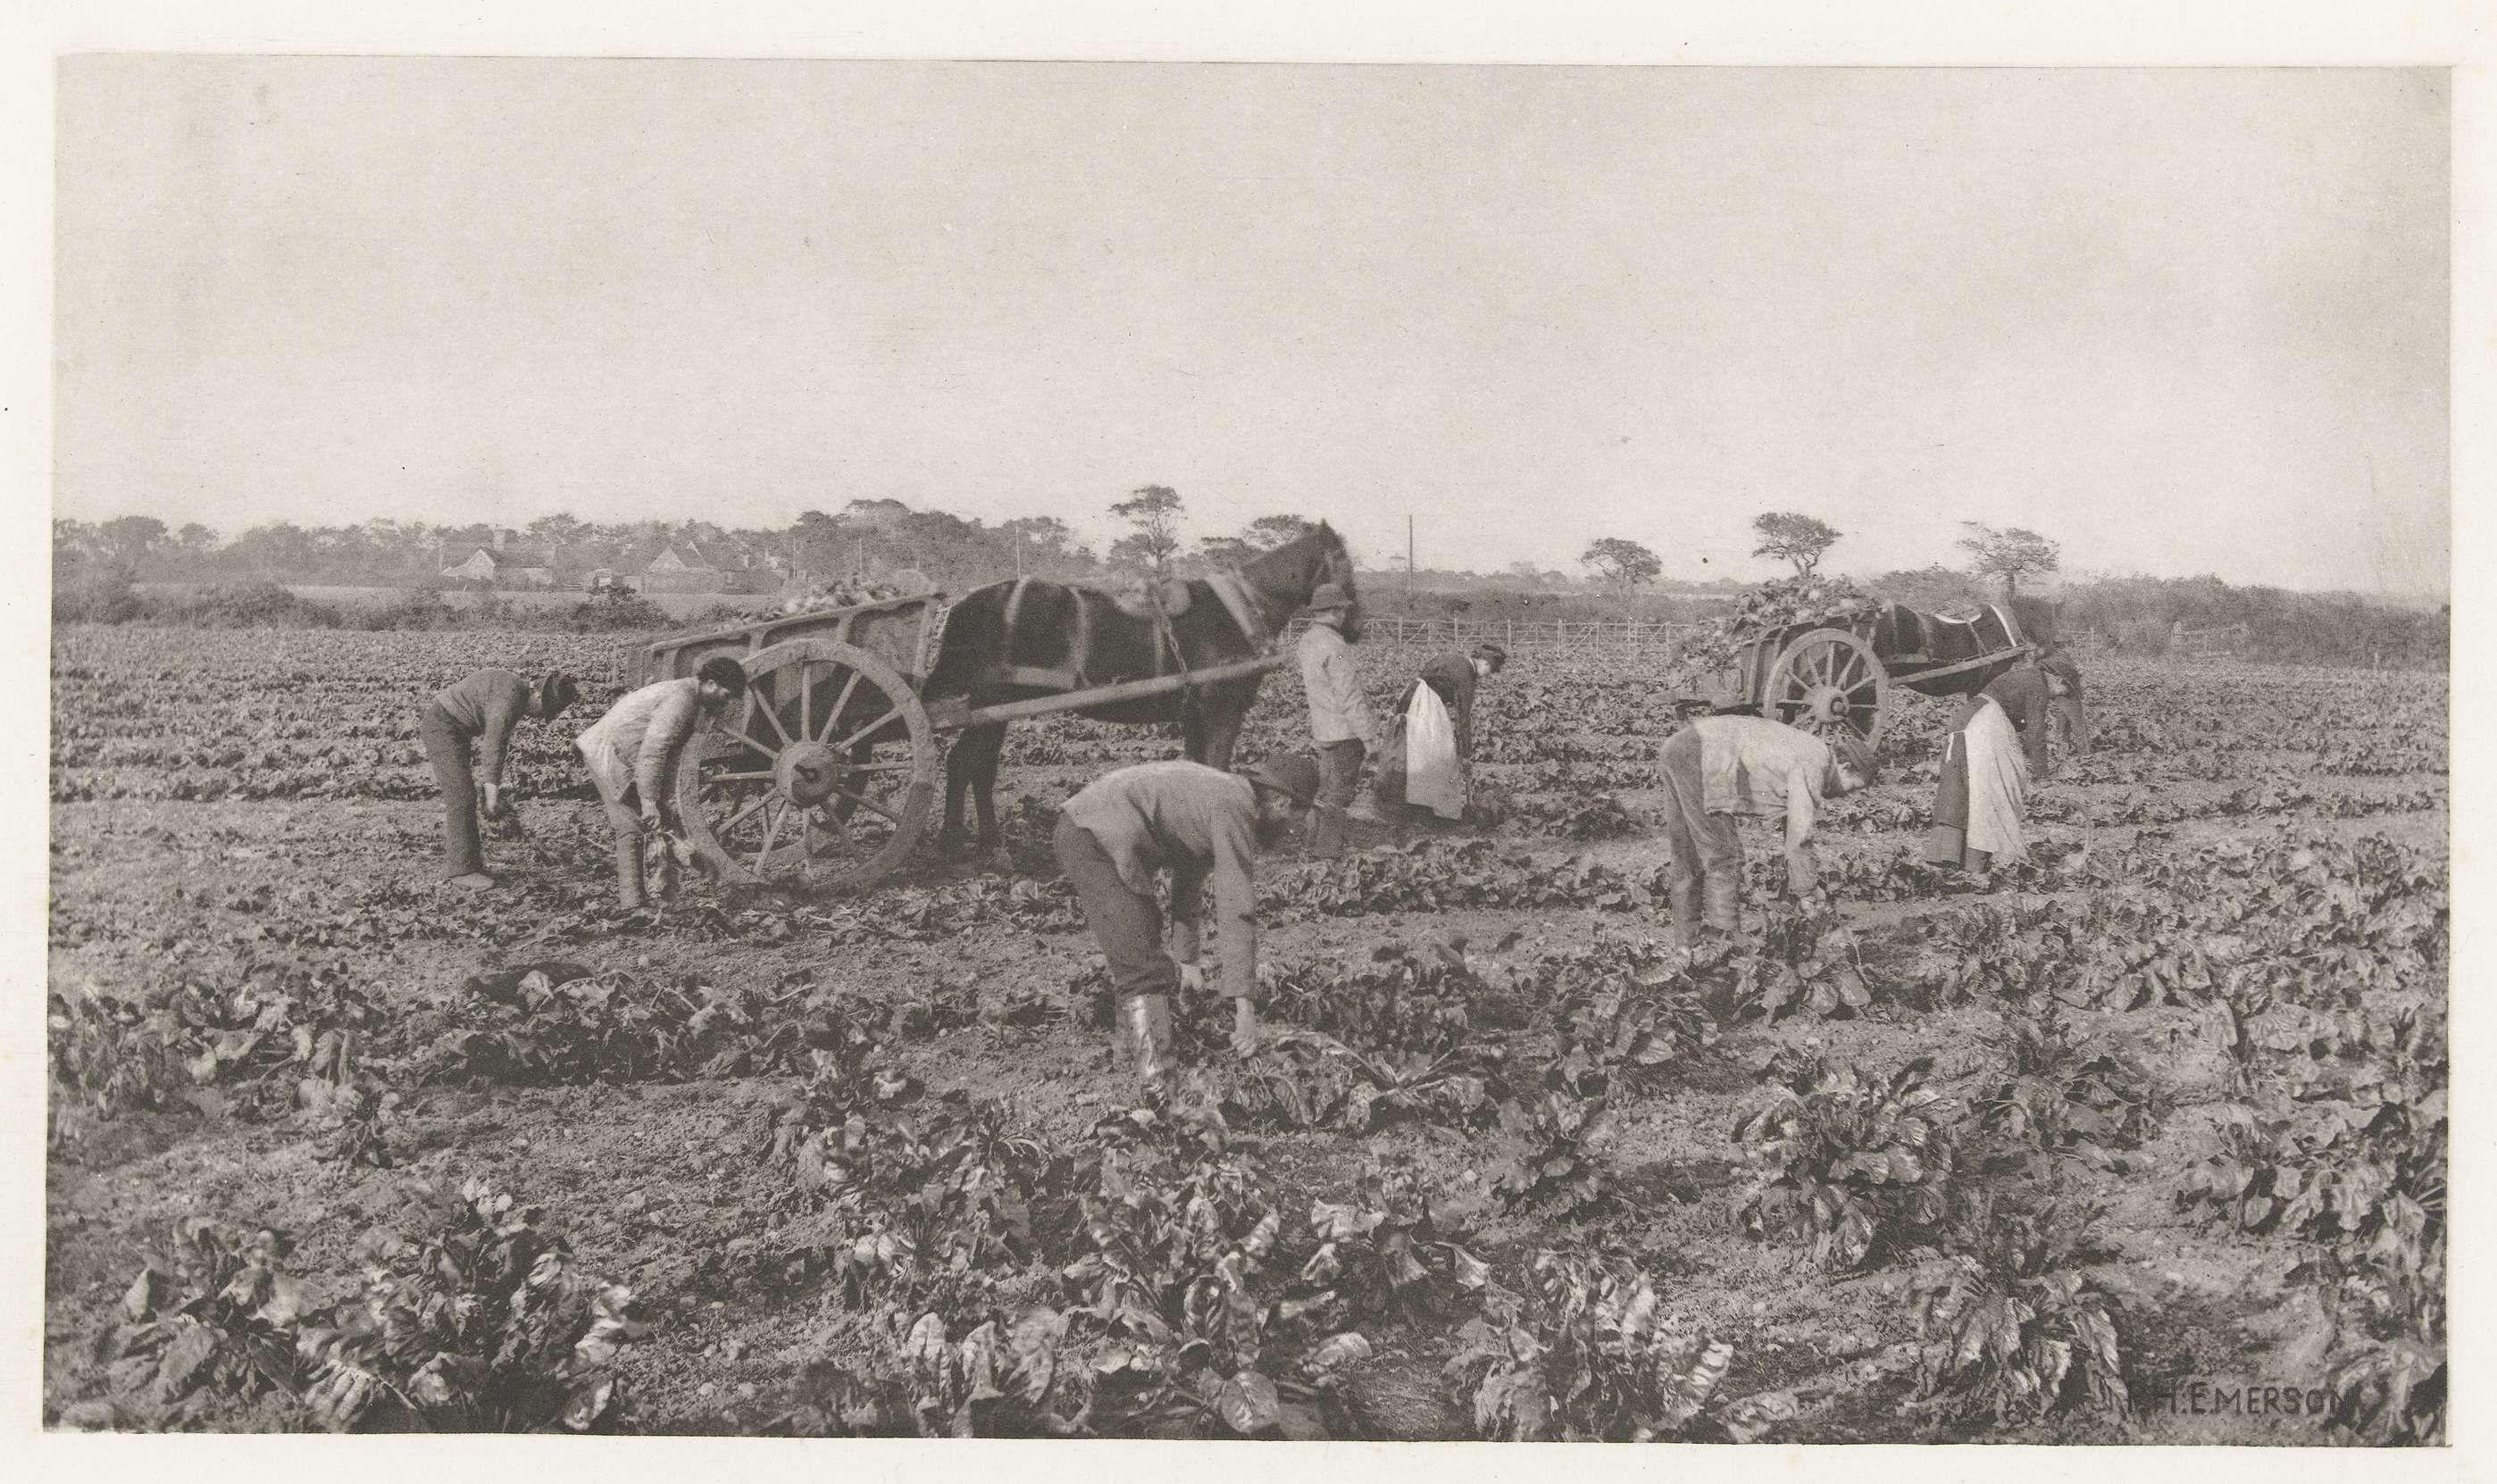 Peter Henry Emerson | Het oogsten van Mangelwortel met de hand, Peter Henry Emerson, G. Bell and Sons, 1884 - 1887 |